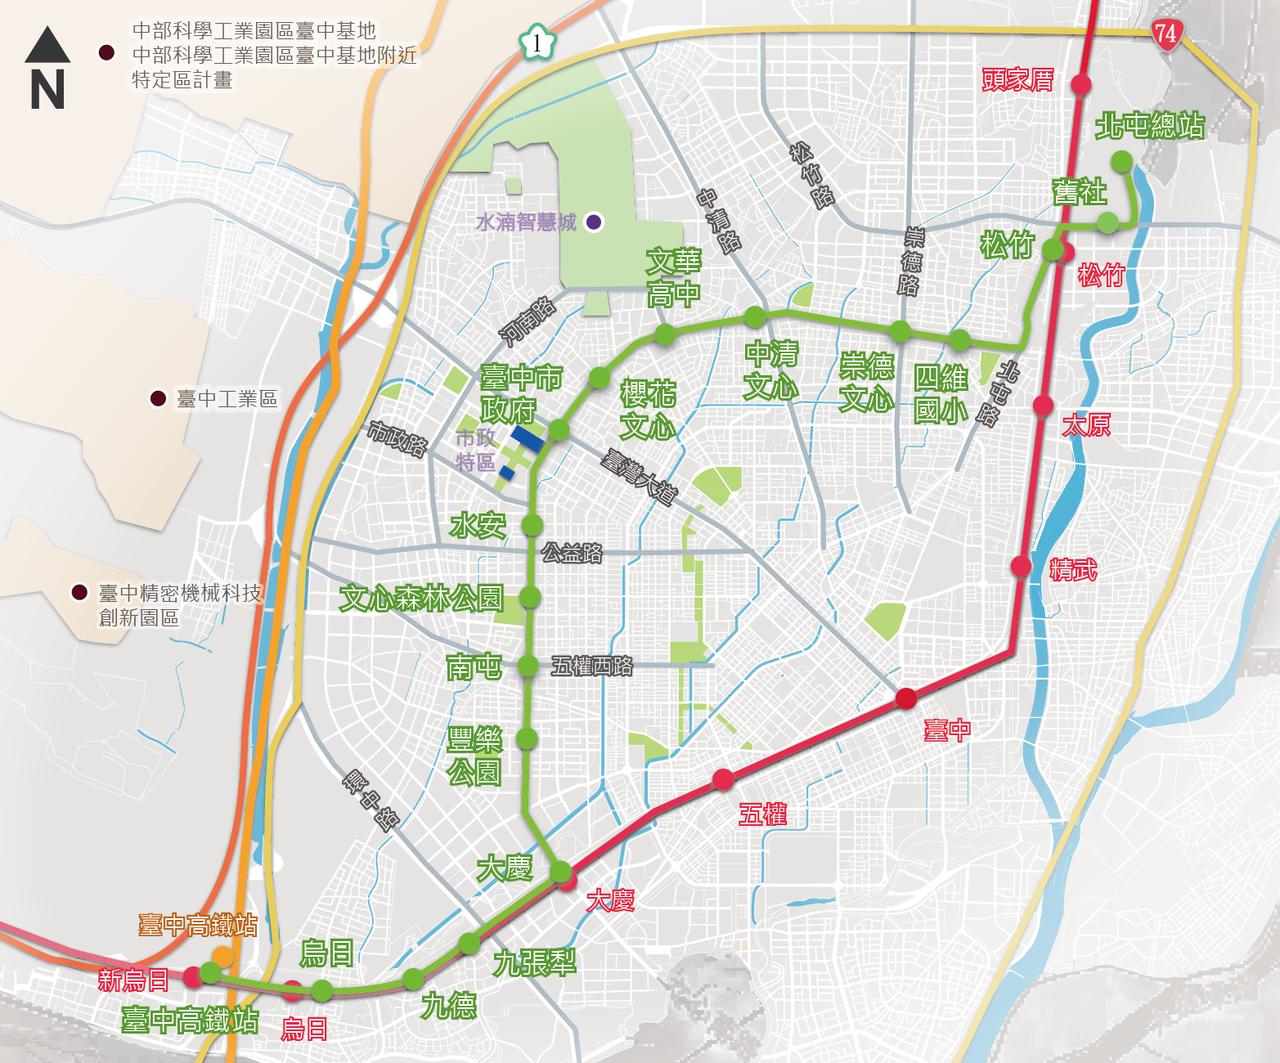 台中市交通局今天公布捷運綠線全線18個車站正式名稱,以既有軌道轉乘站、在地地標、...